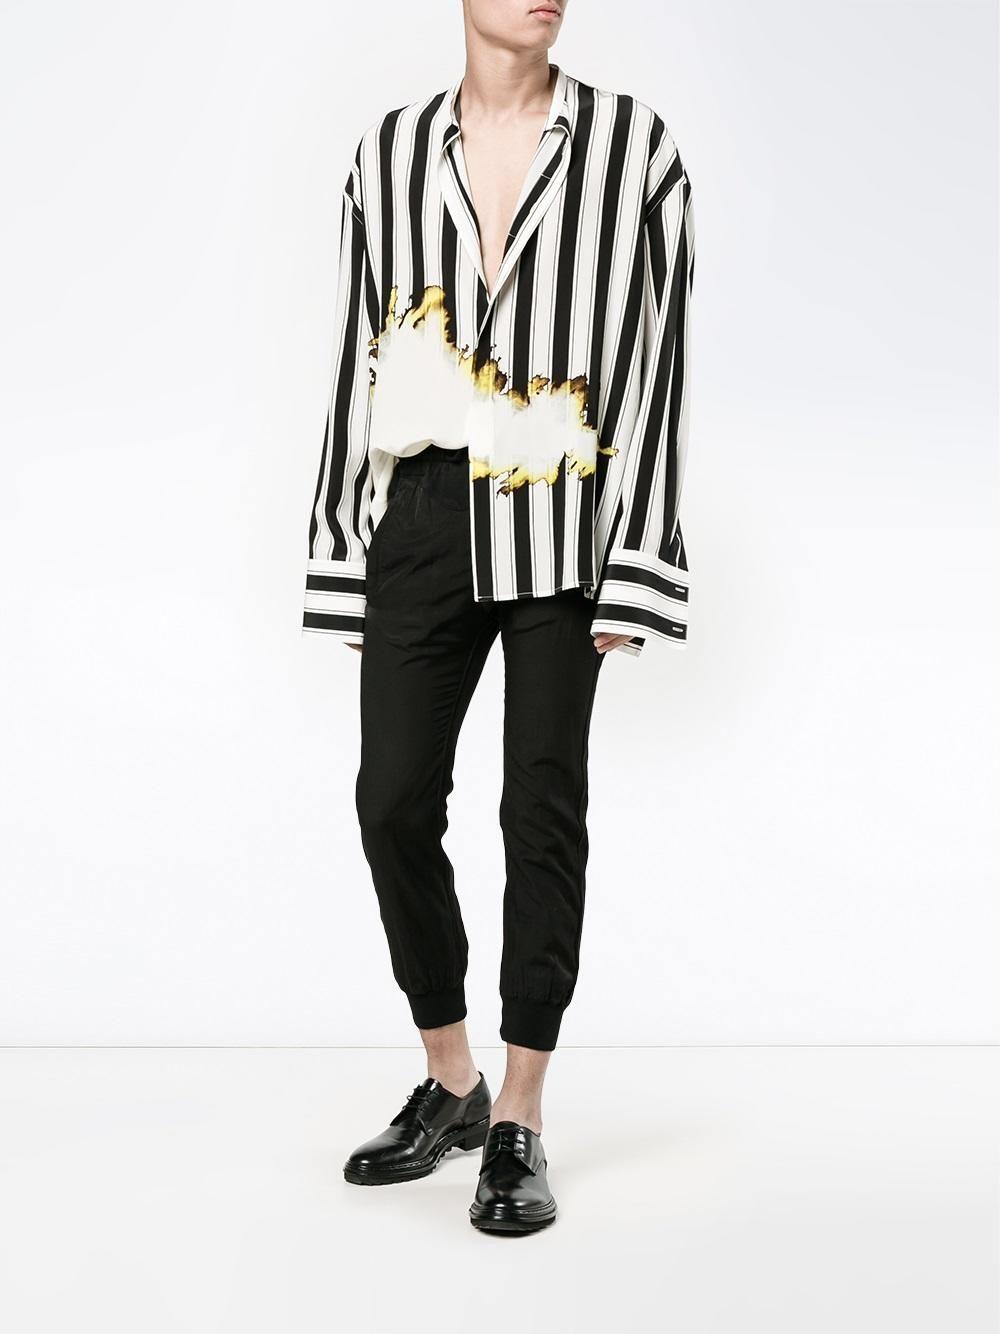 bb8e613256 HAIDER ACKERMANN bleach and stripe print shirt £1,165 | Casual Suits ...